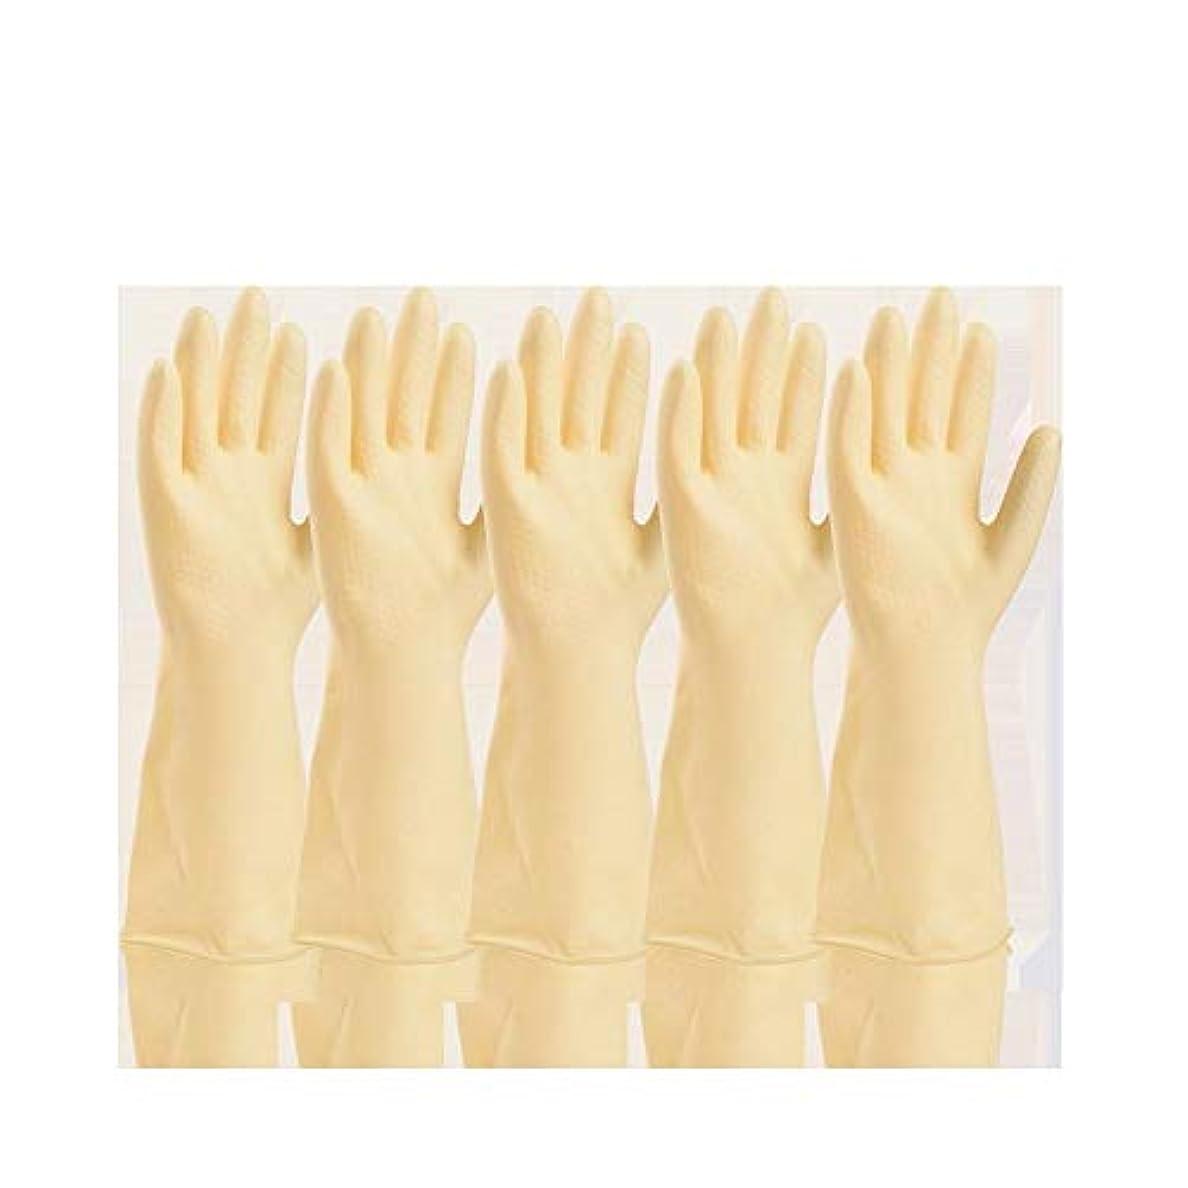 男性省略キャンベラニトリルゴム手袋 工業用手袋厚手のプラスチック製保護用耐水性防水ラテックス手袋、5ペア 使い捨て手袋 (Color : White, Size : L)